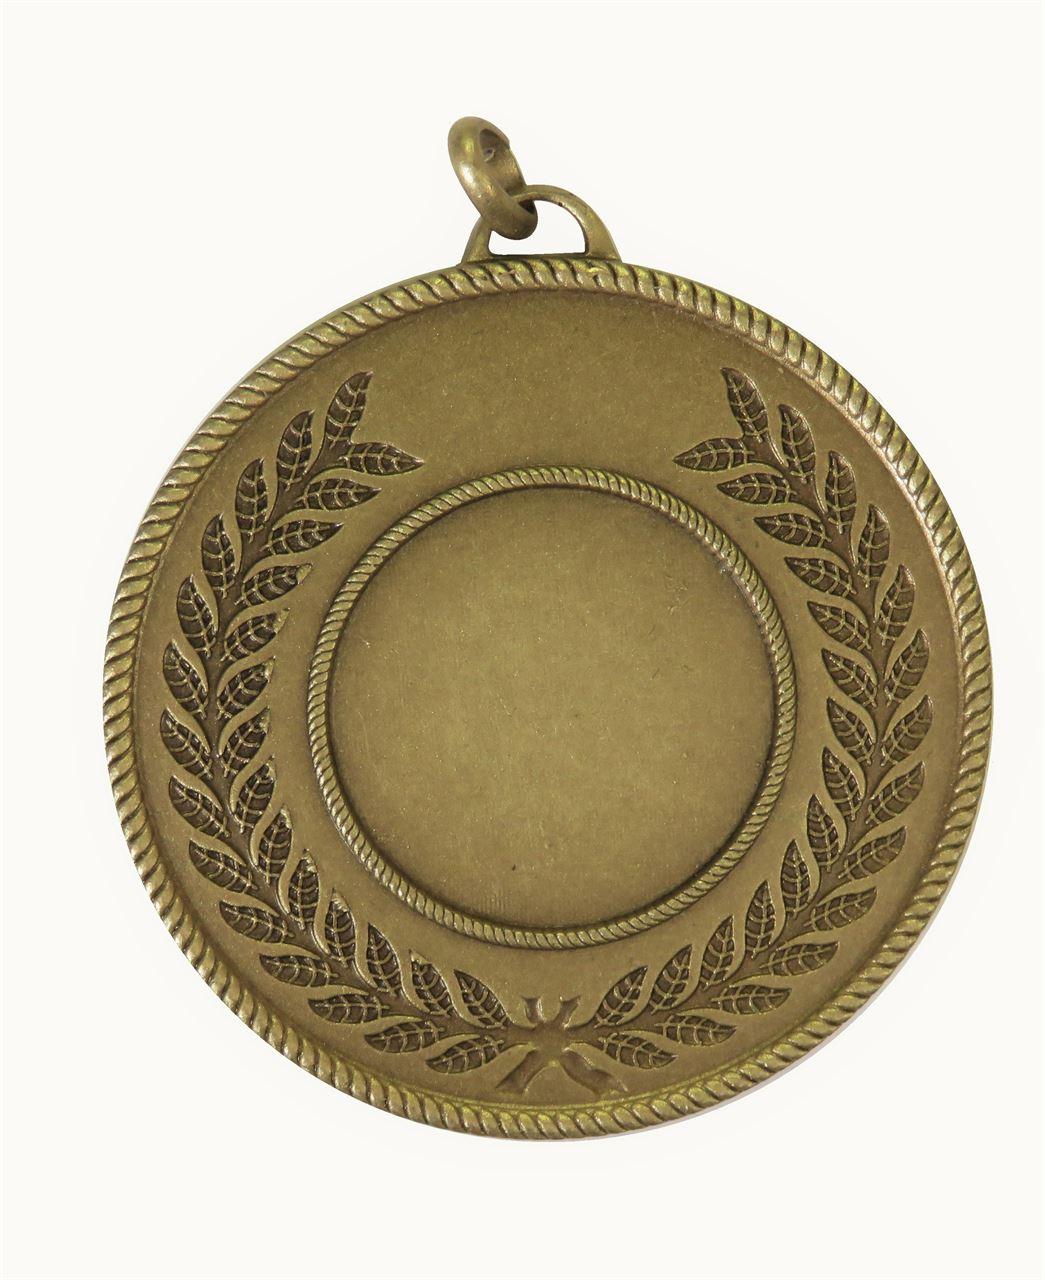 Bronze Quality Laurel Surround Medal (size: 50mm) - 5820E